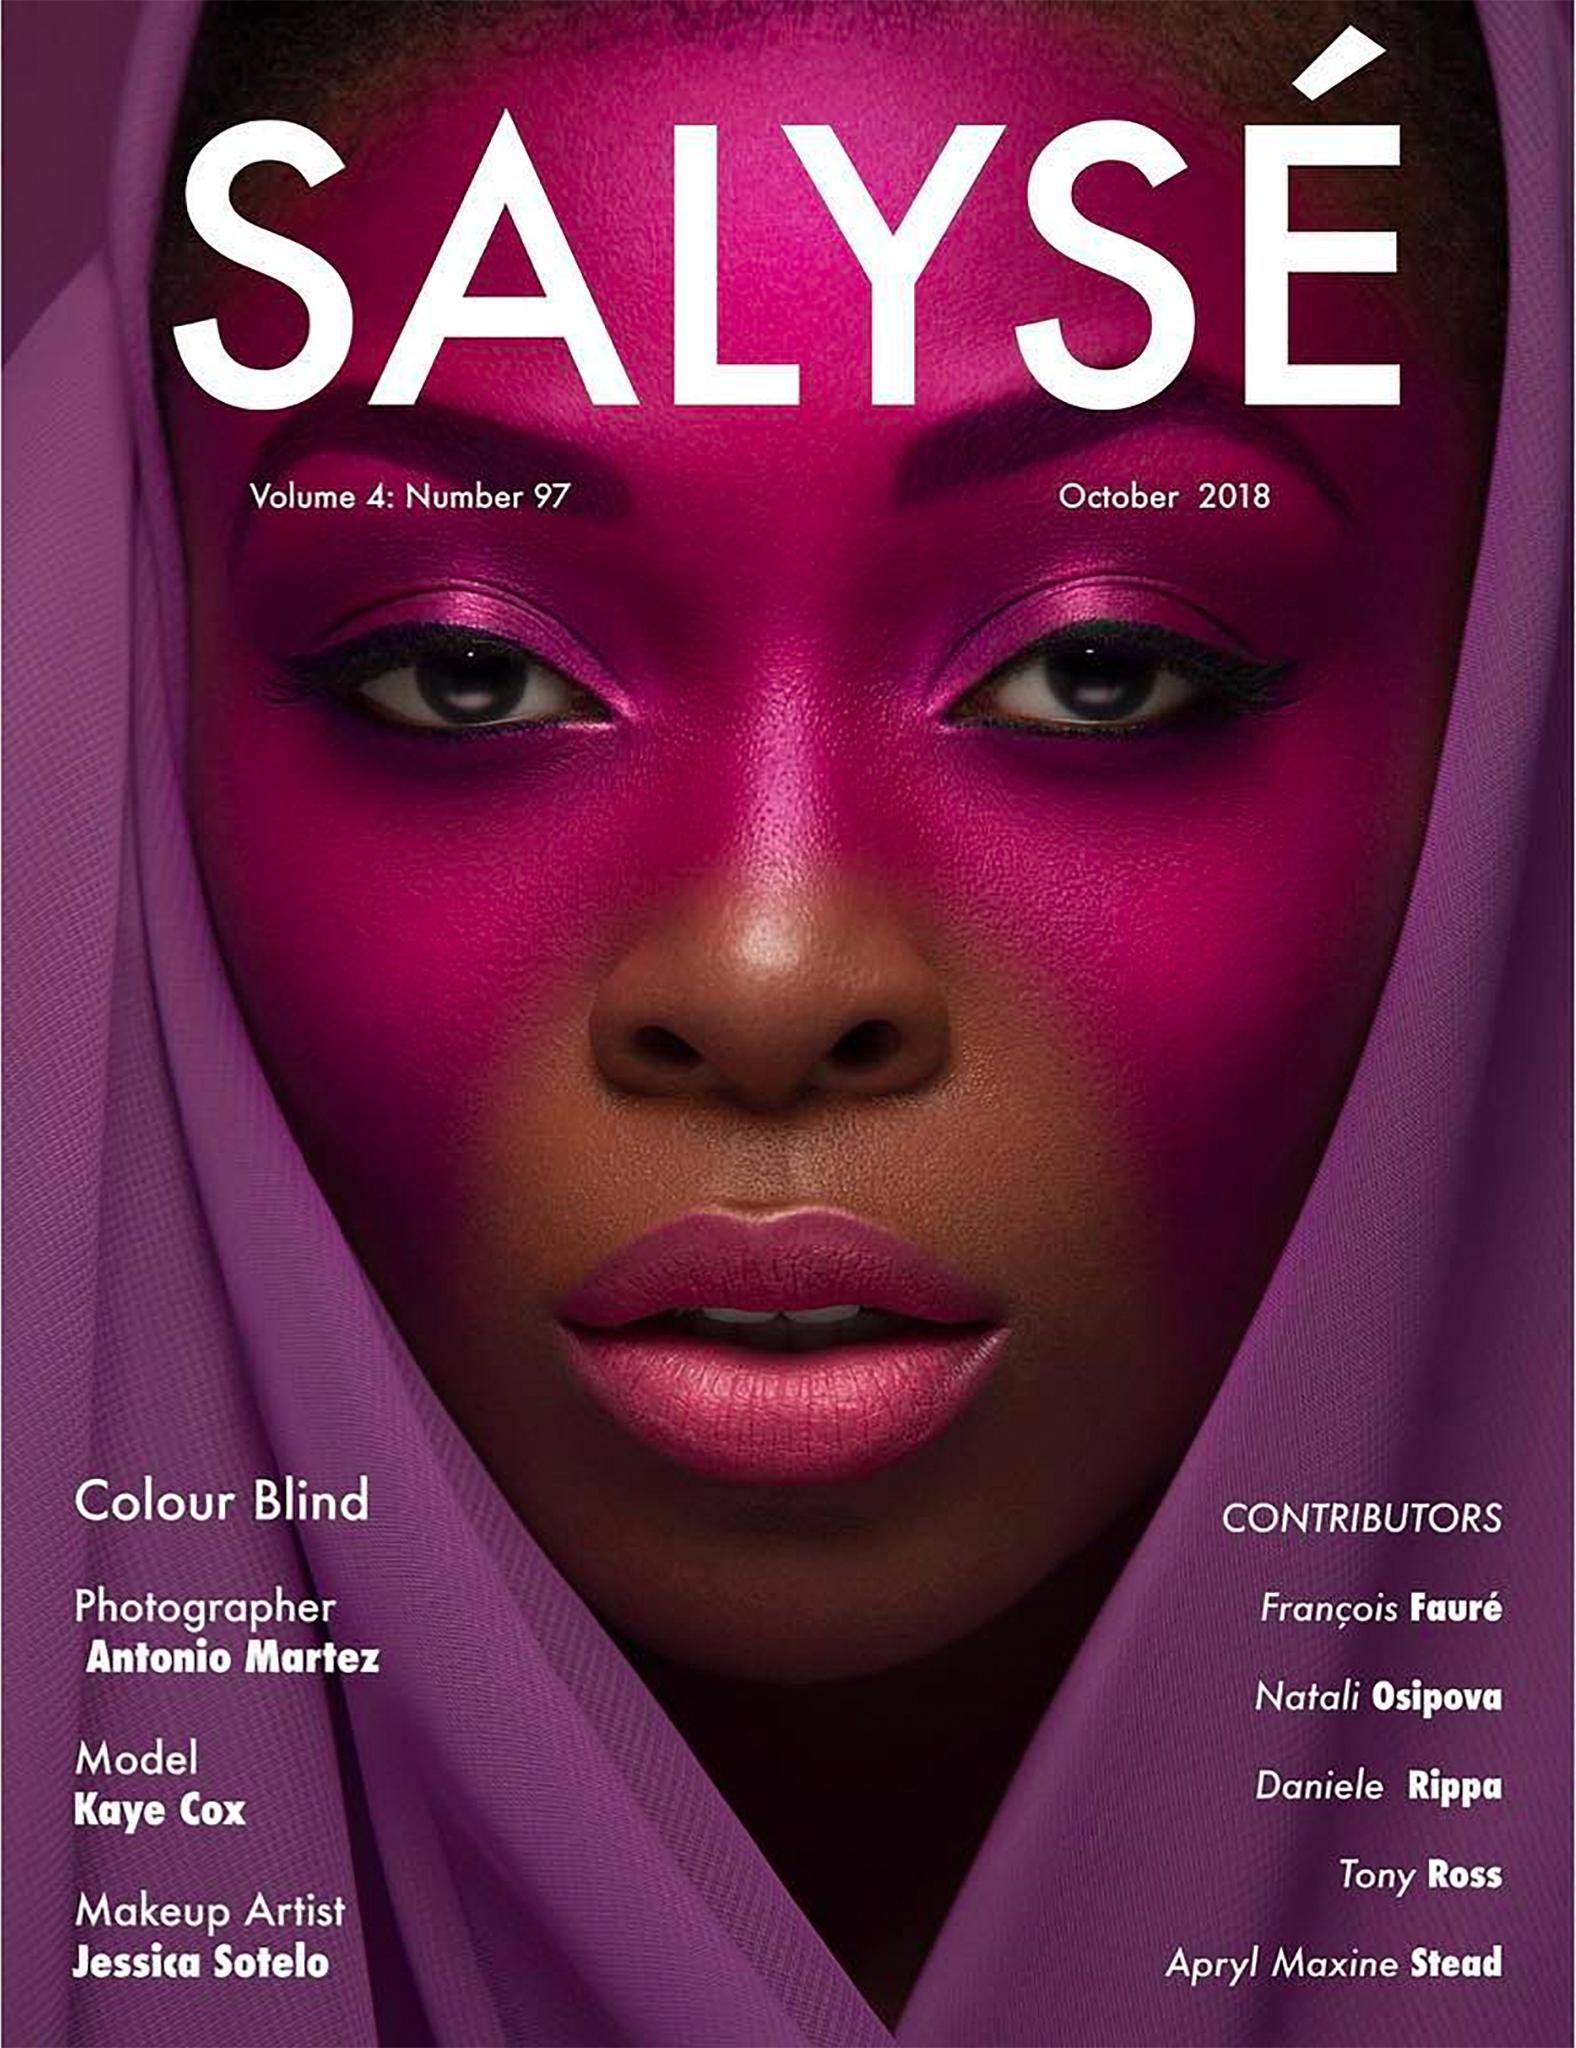 Salysé Magazine - October 2018 Cover by Antonio Martez